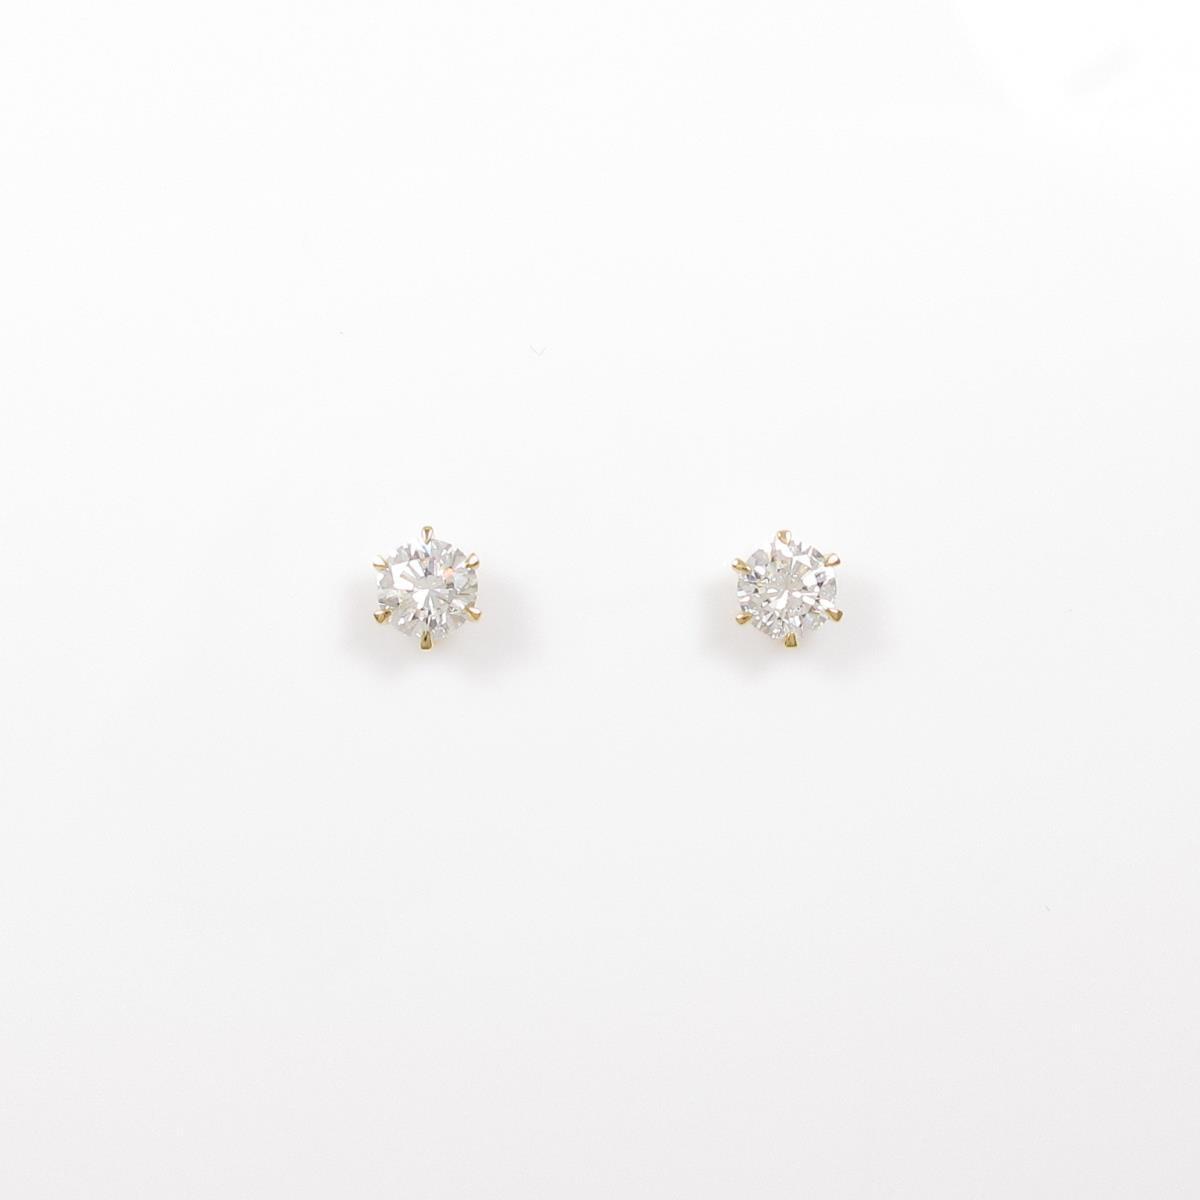 【リメイク】K18YG/ST ダイヤモンドピアス 0.268ct・0.286ct・F・VS2・GOOD【中古】